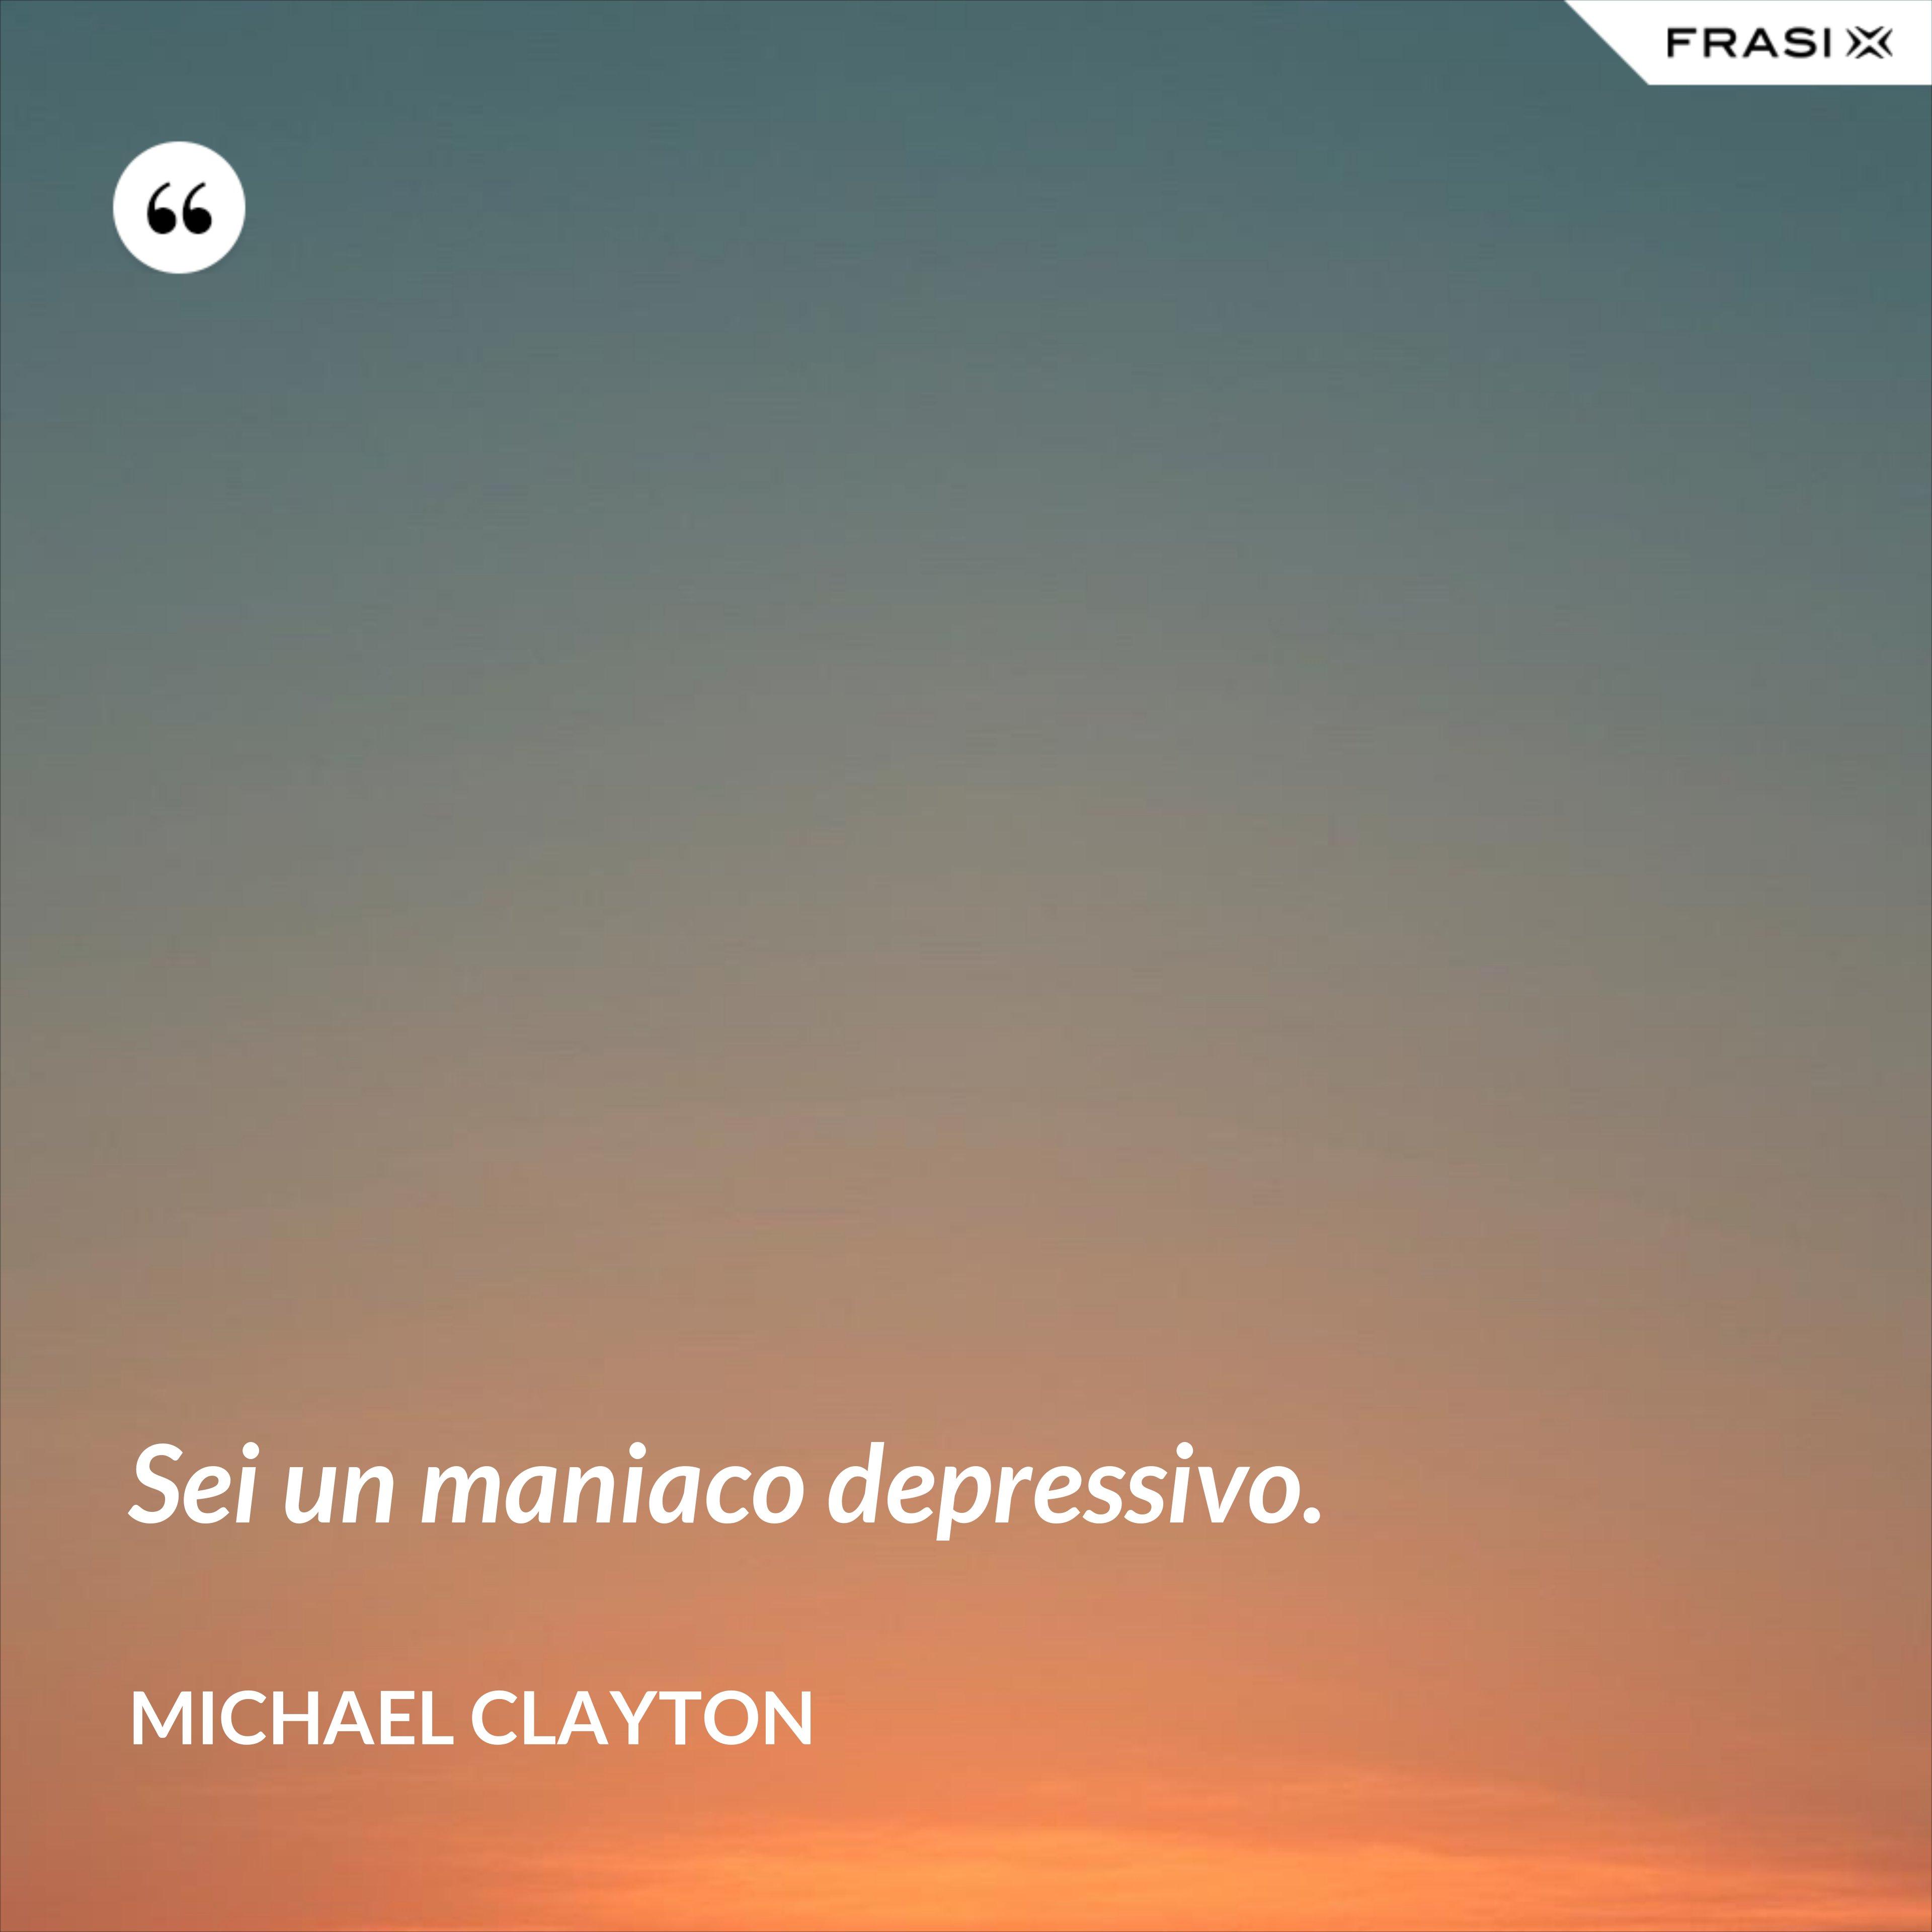 Sei un maniaco depressivo. - Michael Clayton